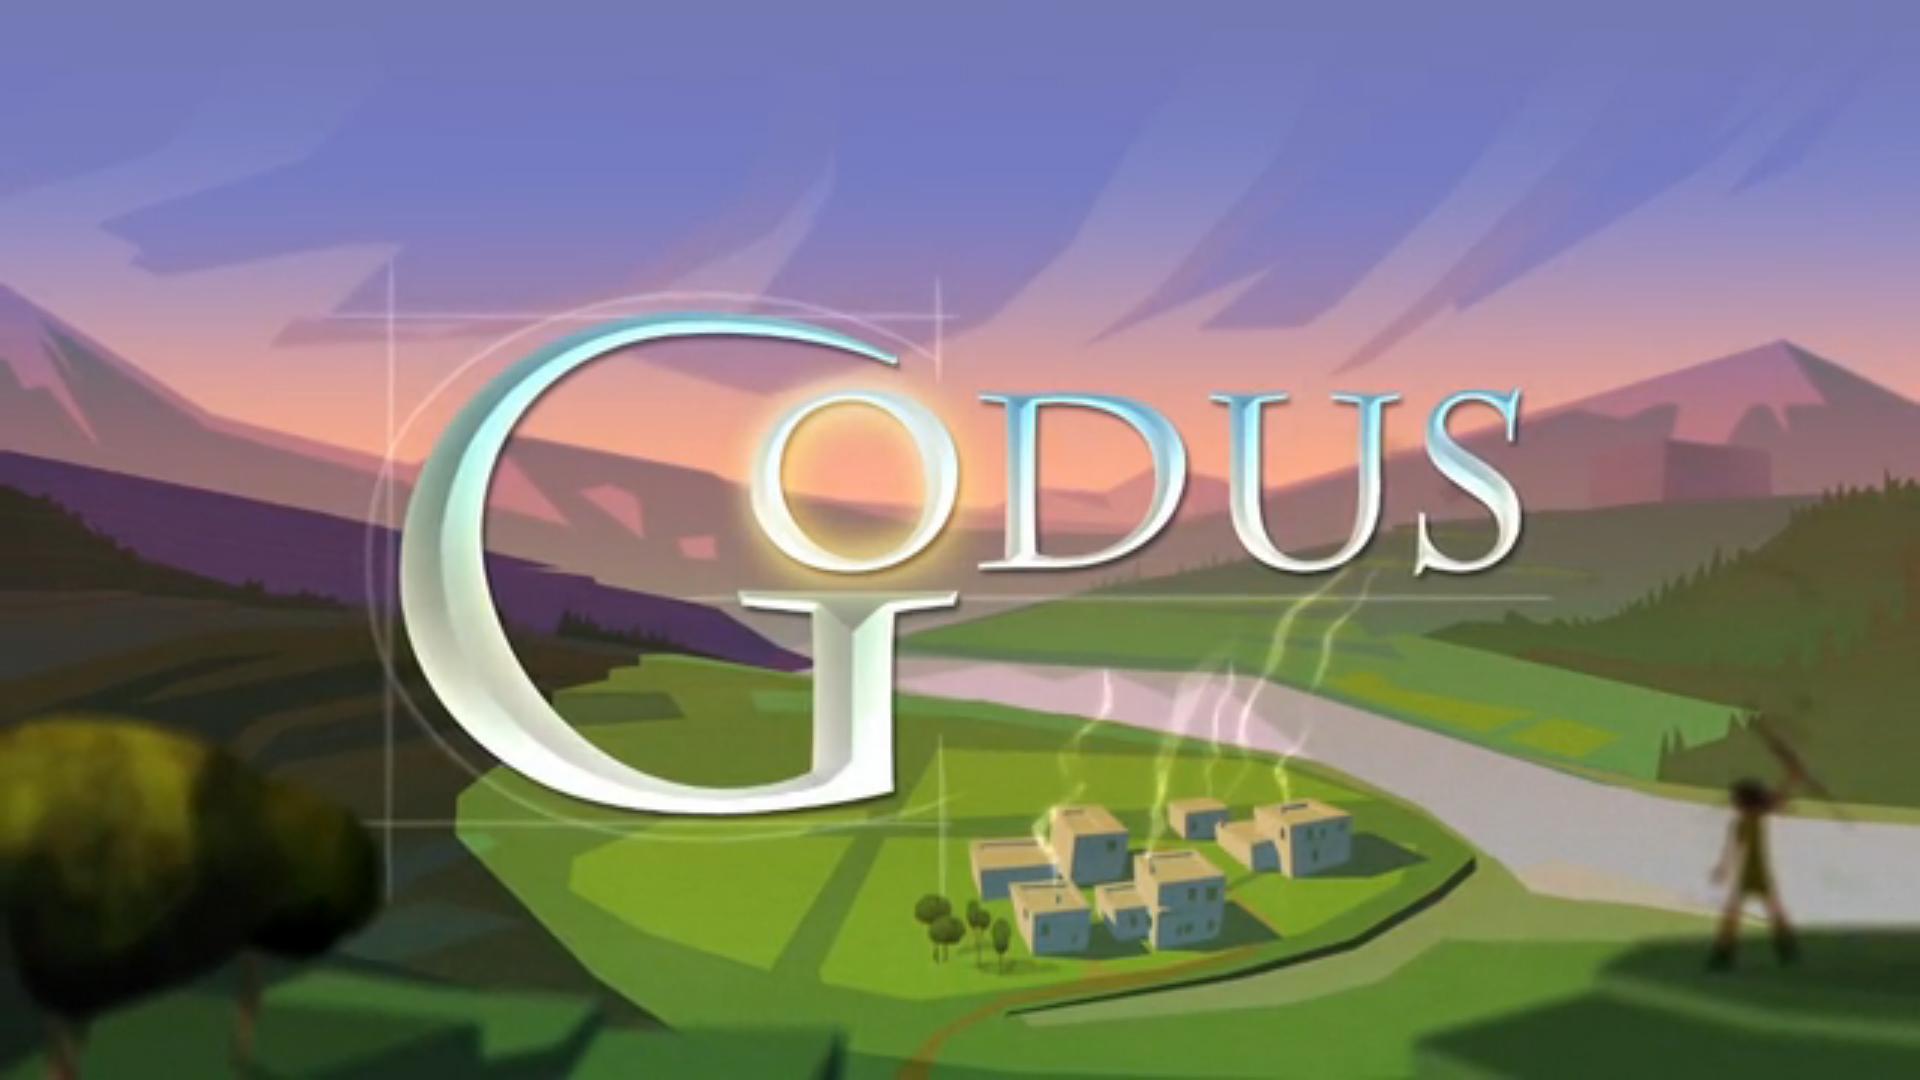 App-Tipp: Godus – von den Machern von Populous